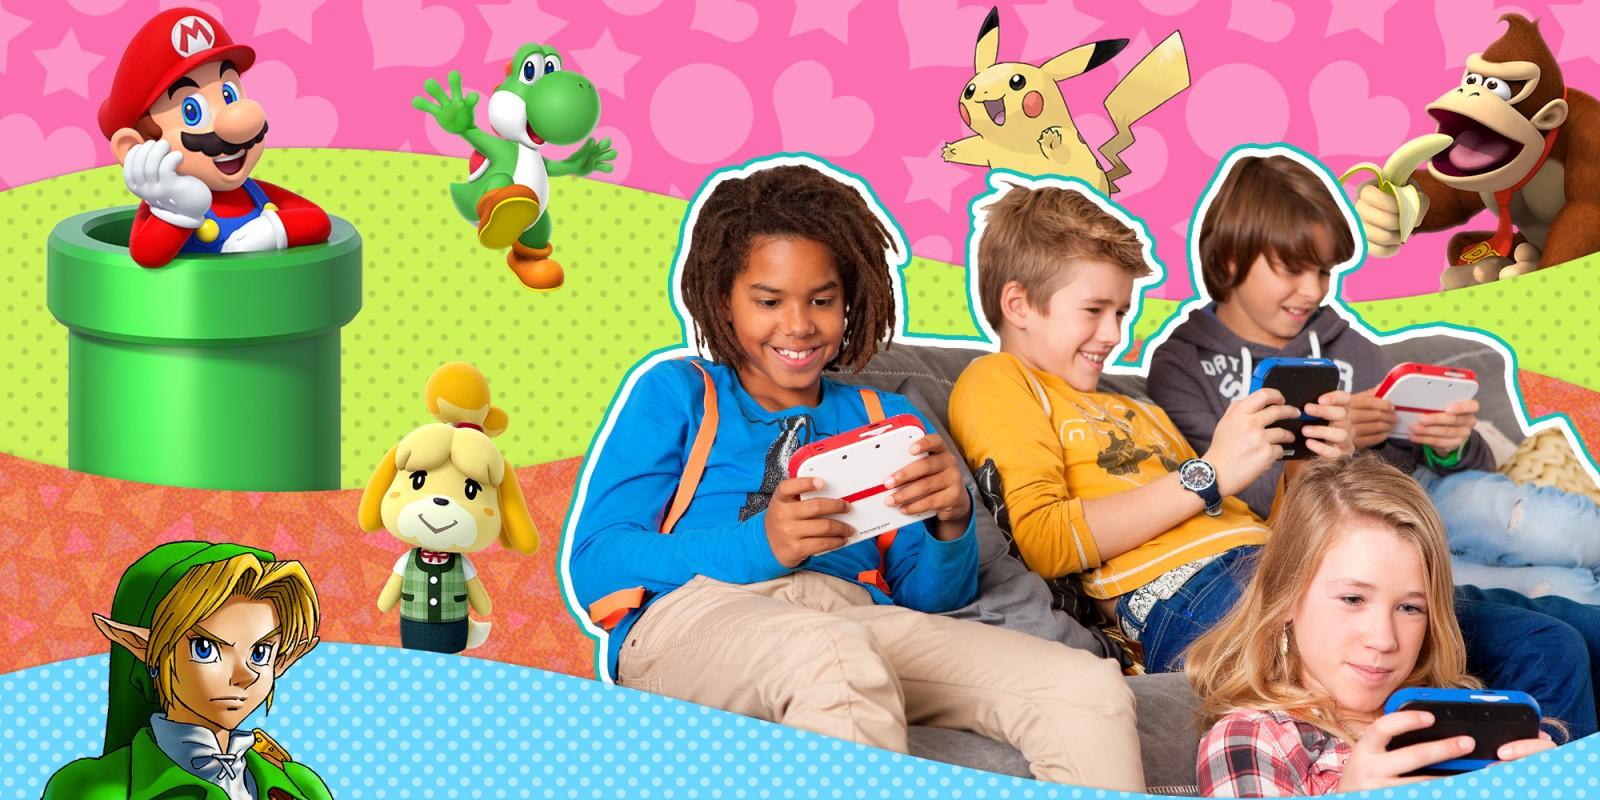 Jeux Nintendo Pour Les Enfants | Nintendo destiné Jeux Pour Les Petit De 5 Ans